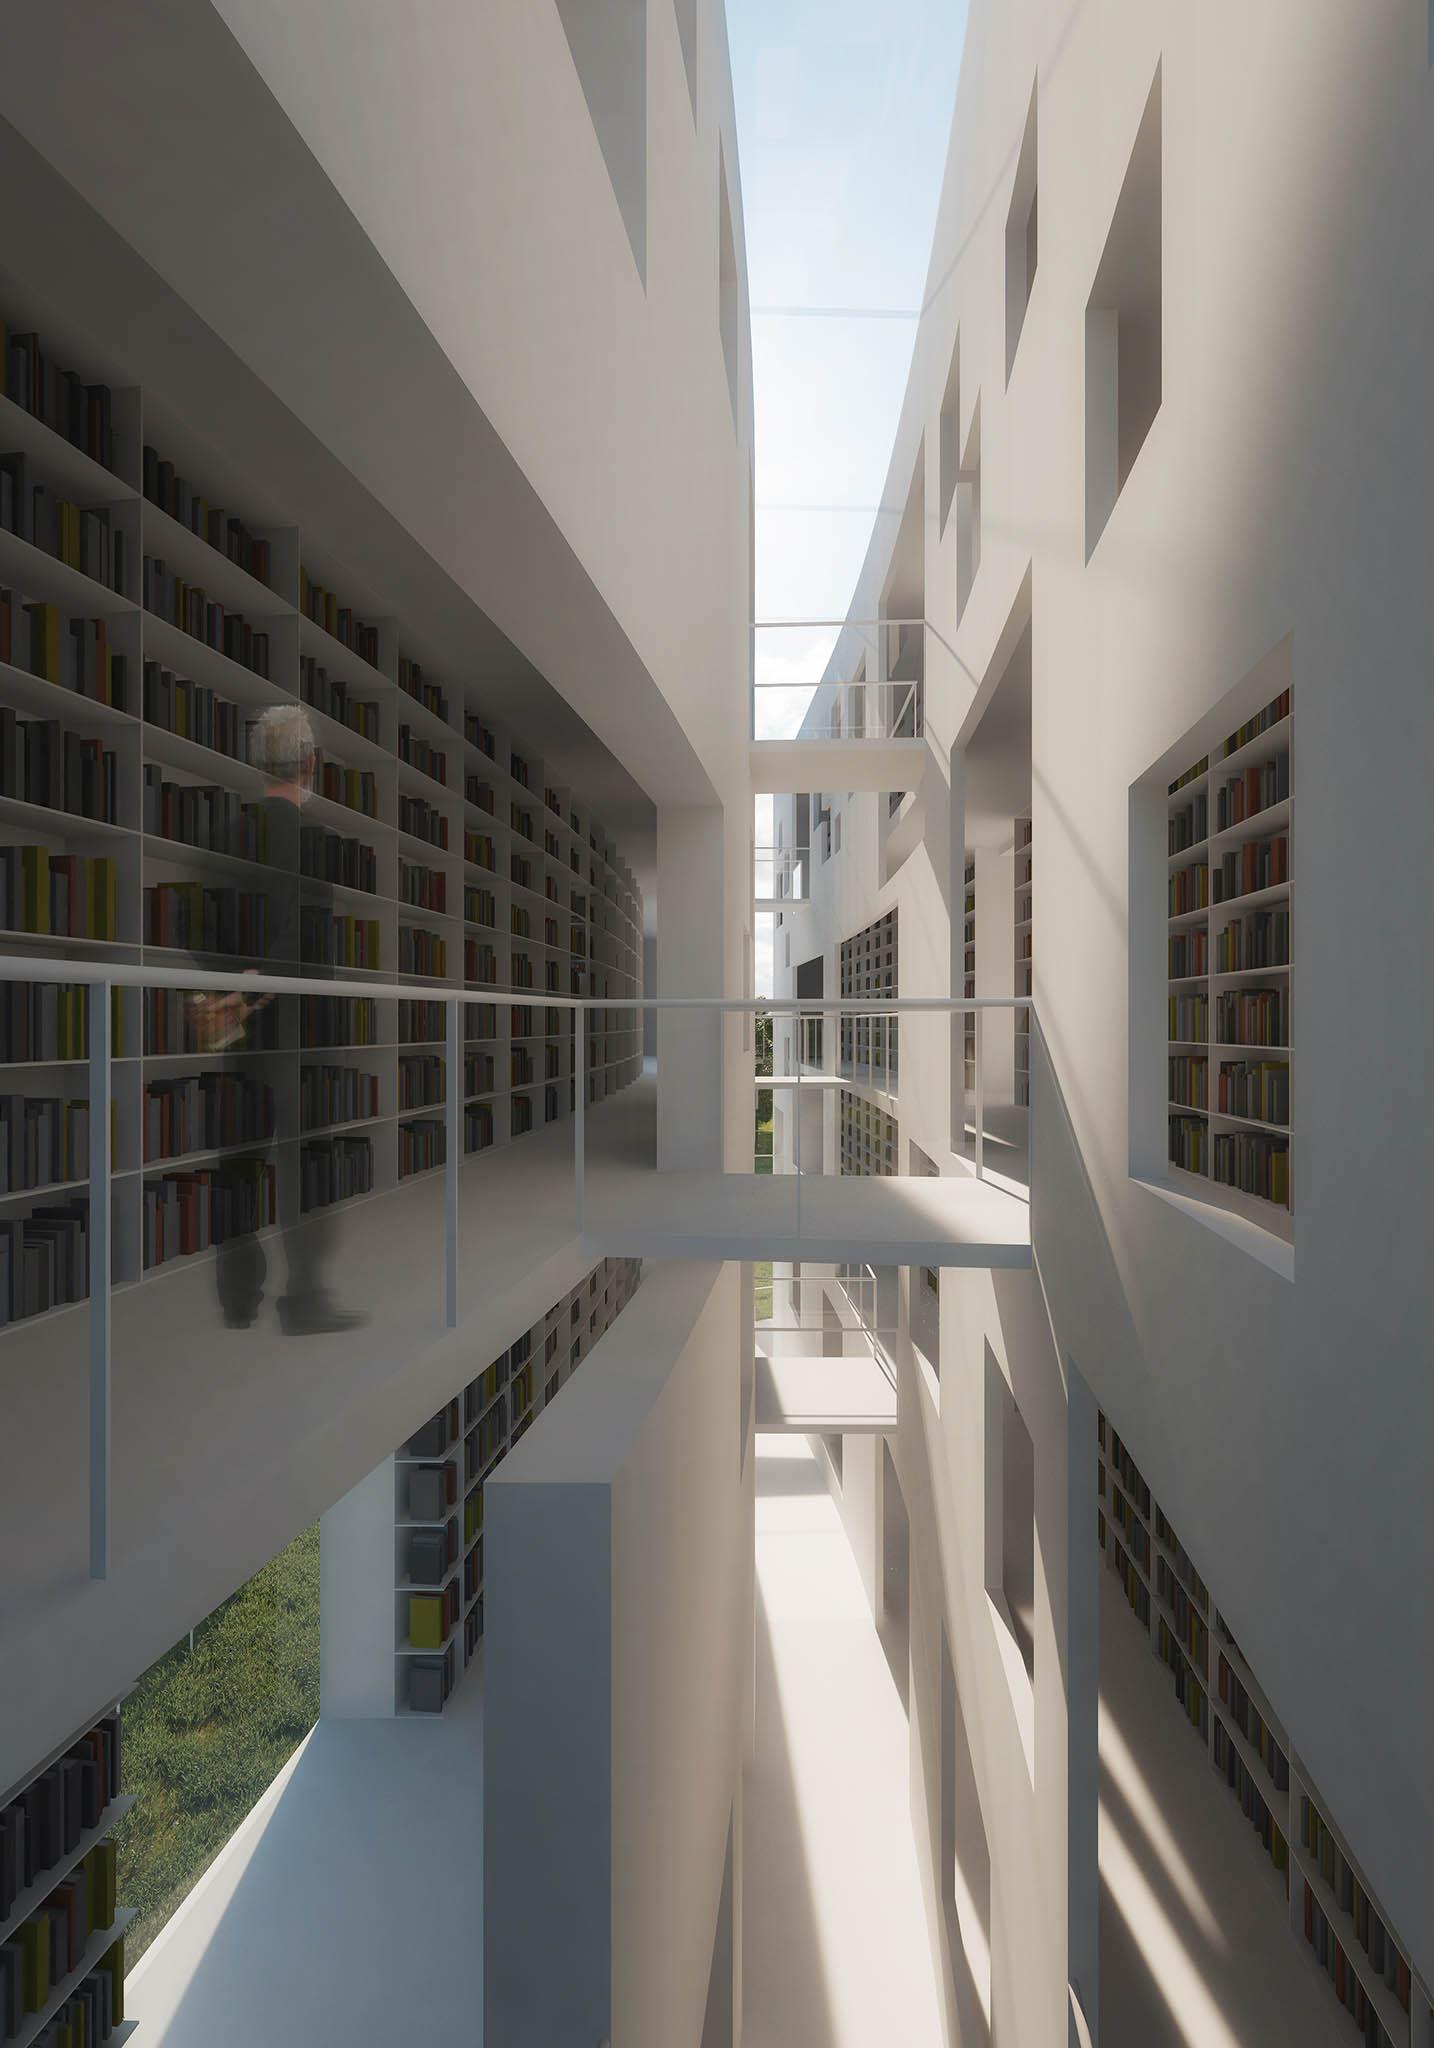 Architekti z A 69 navrhli pro Turnov budovu – skálu, v níž je vytesána knihovna. Když člověk vstupuje, jako kdyby procházel mezi skalními věžemi, středová puklina je parafrází na tamní soutěsky...